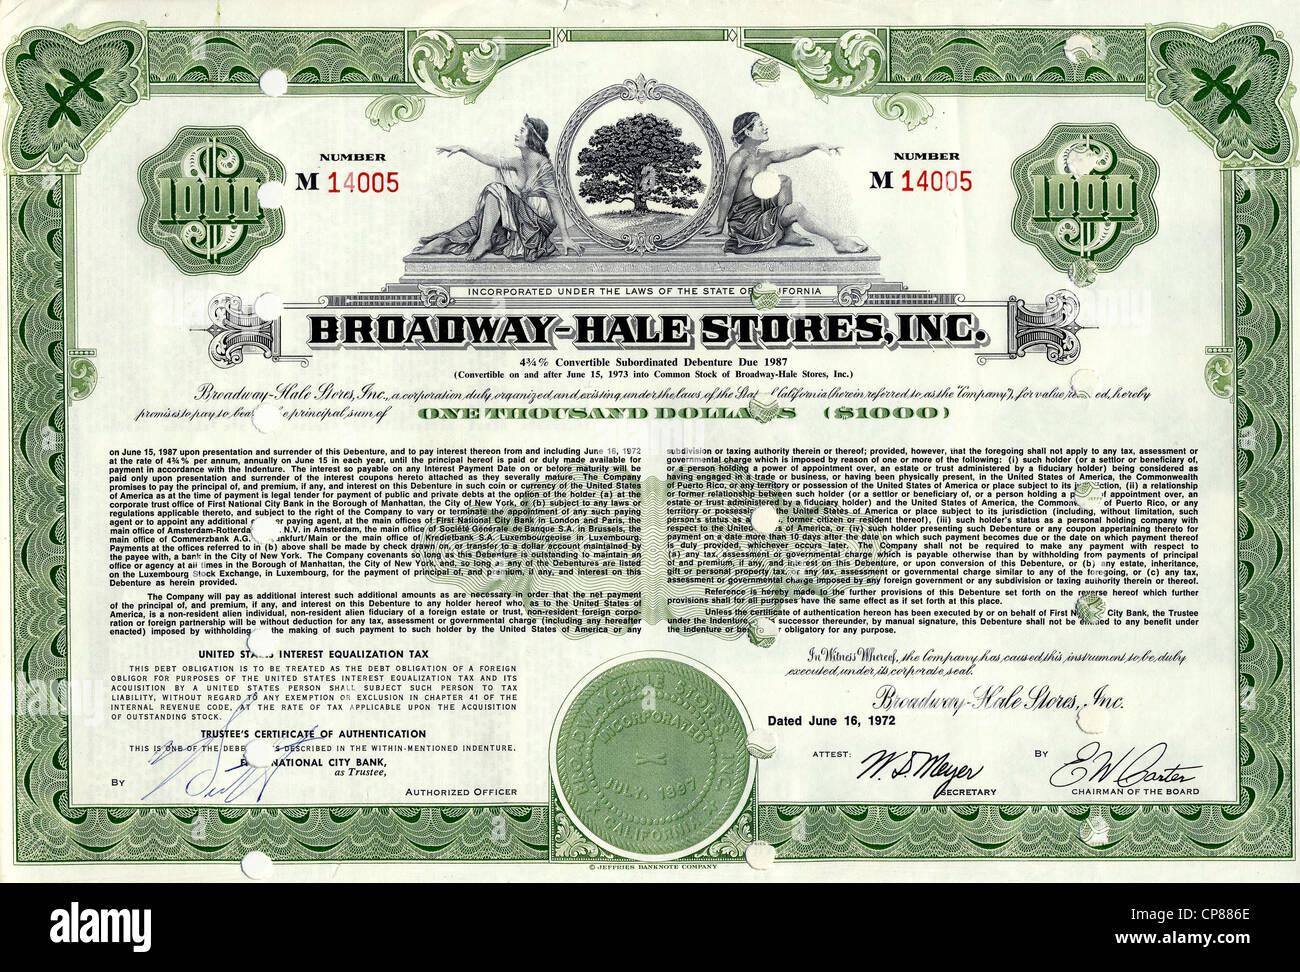 Historische Aktie, Allegorische Darstellung, Supermarktkette, Hale Brothers fusionierte mit Broadway Department - Stock Image